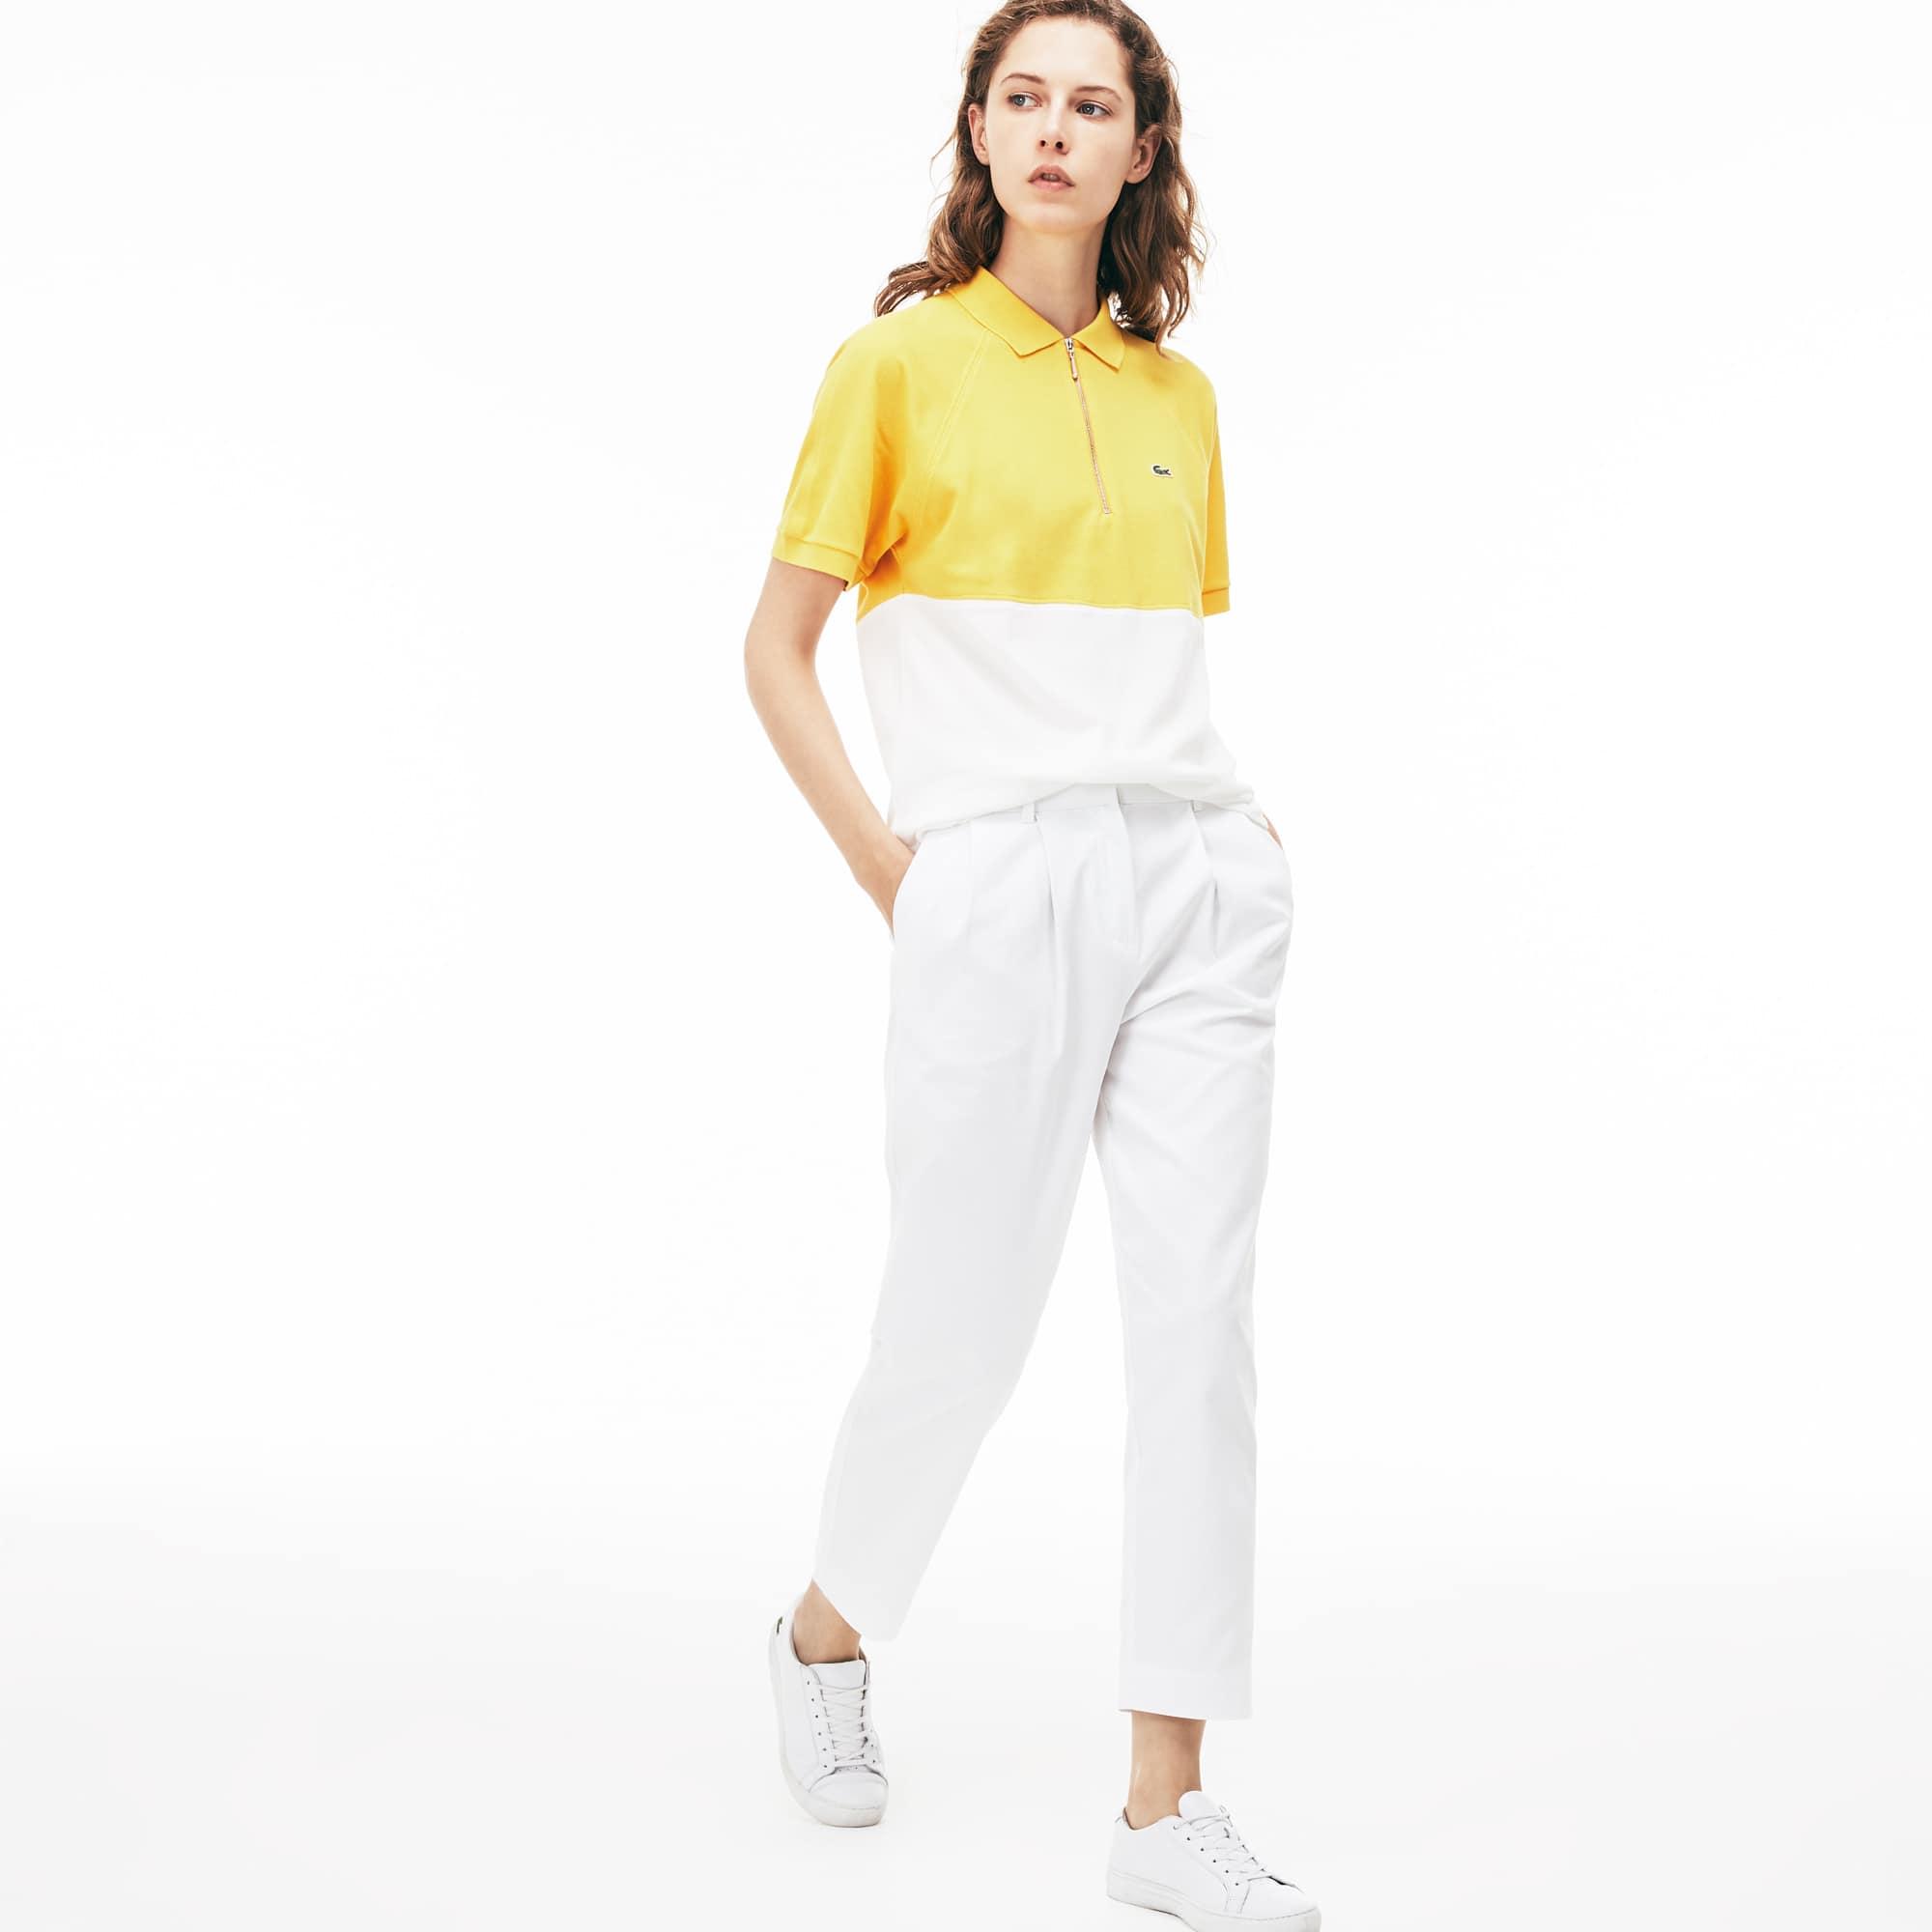 Pantalón de pinzas carrot fit en algodón texturizado liso